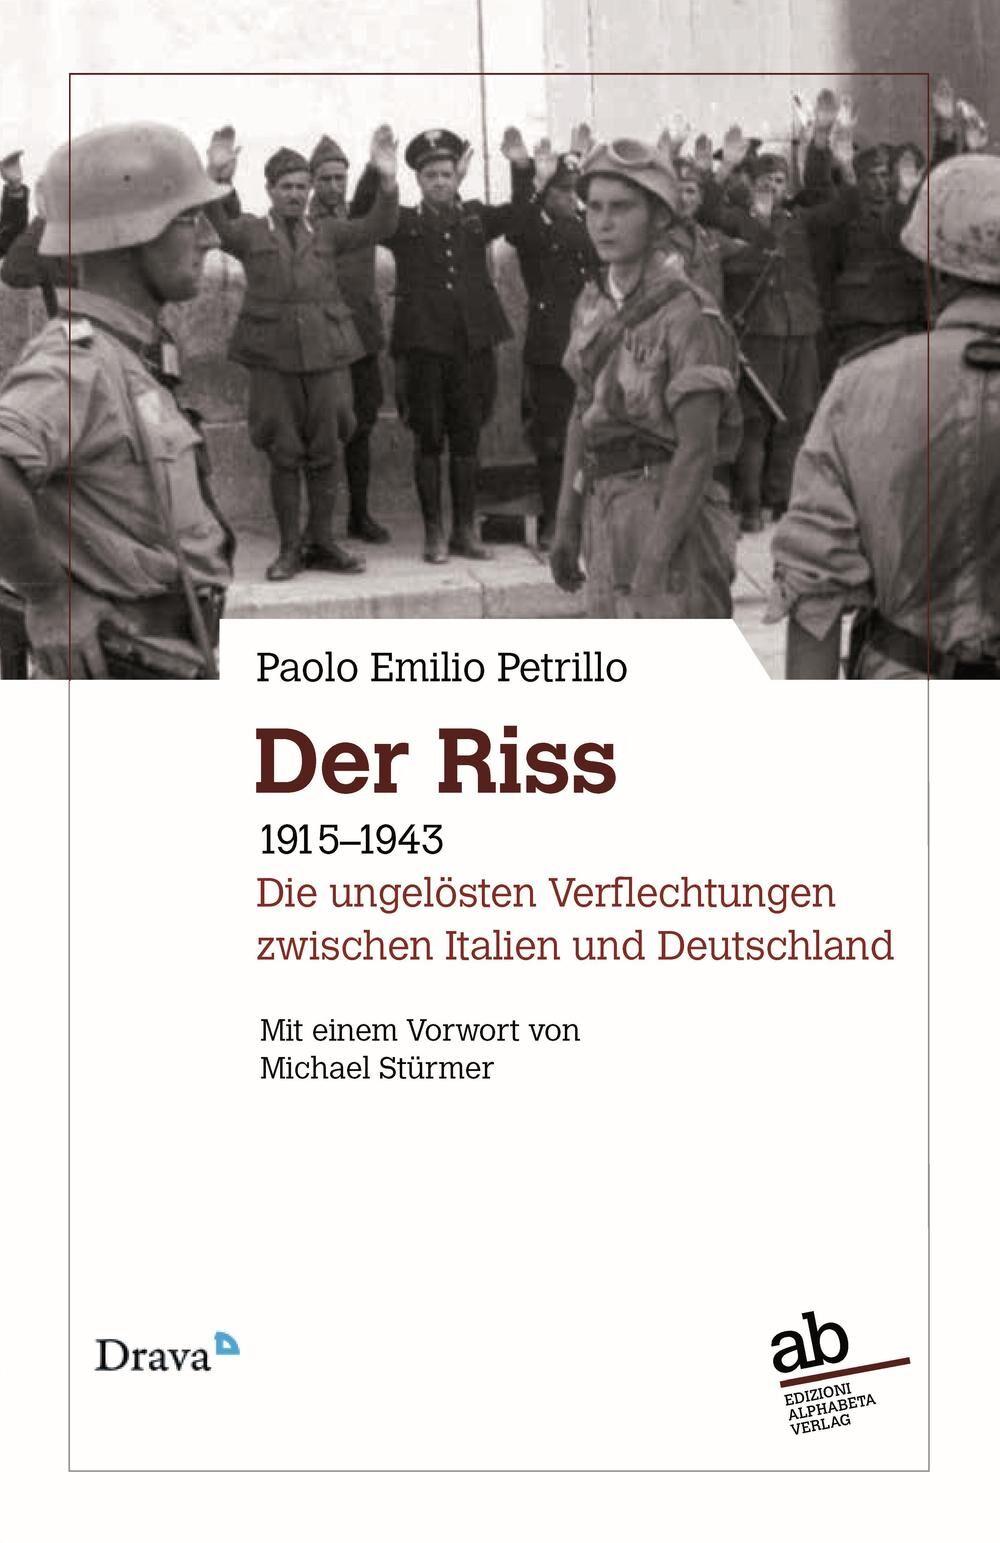 Der Riss. 1915-1943. Die ungelösten Verflechtungen zwischen Italien und Deutschland